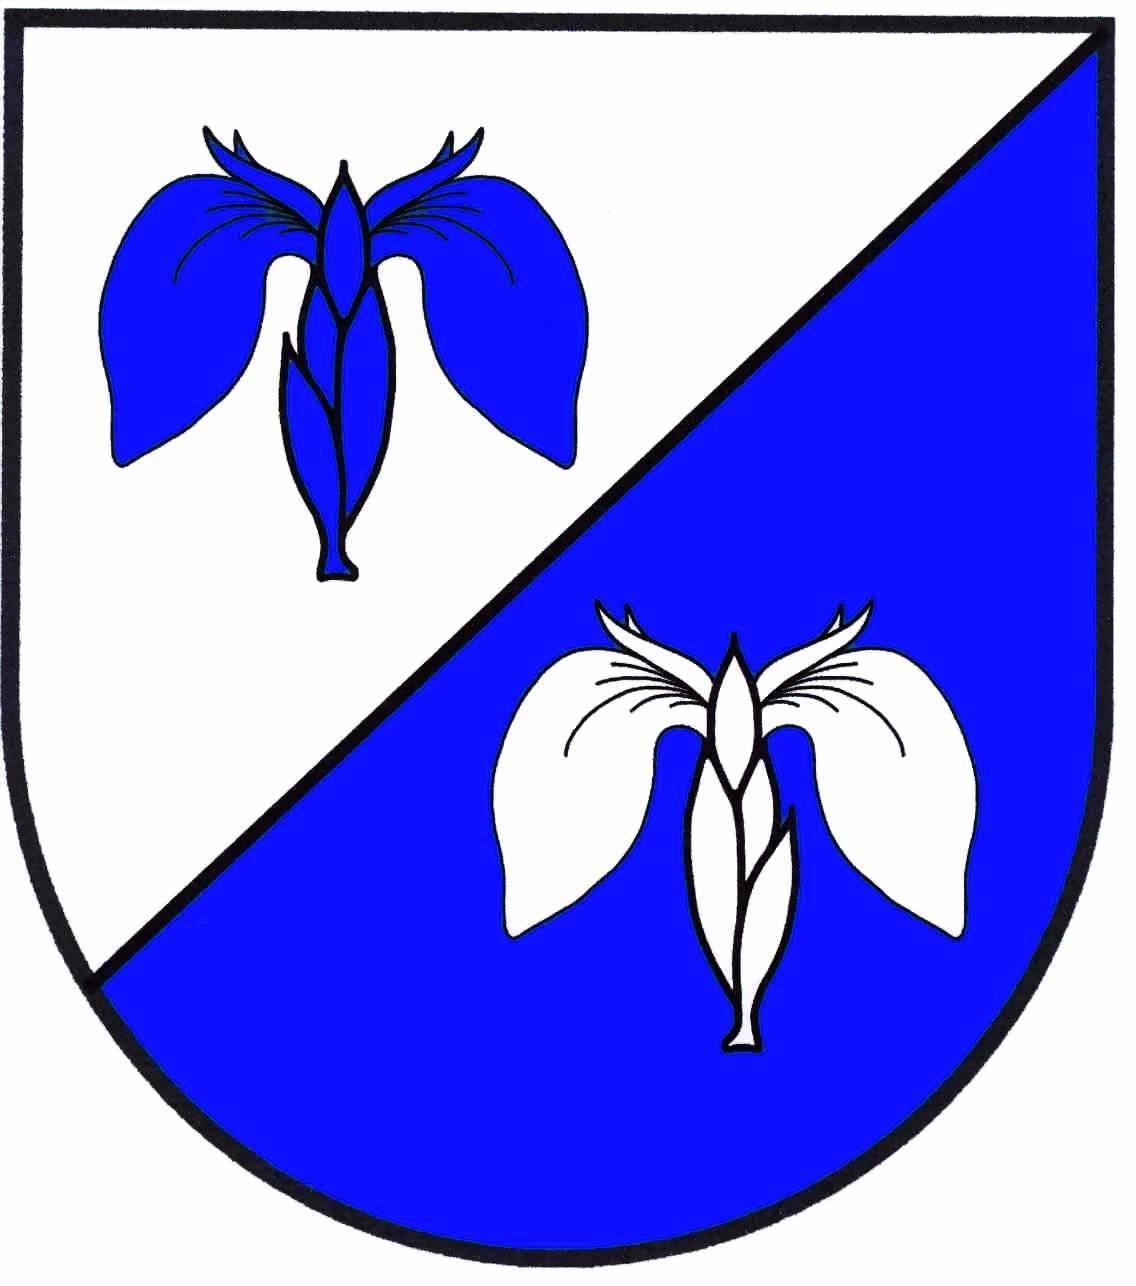 Wappen GemeindeTröndel, Kreis Plön